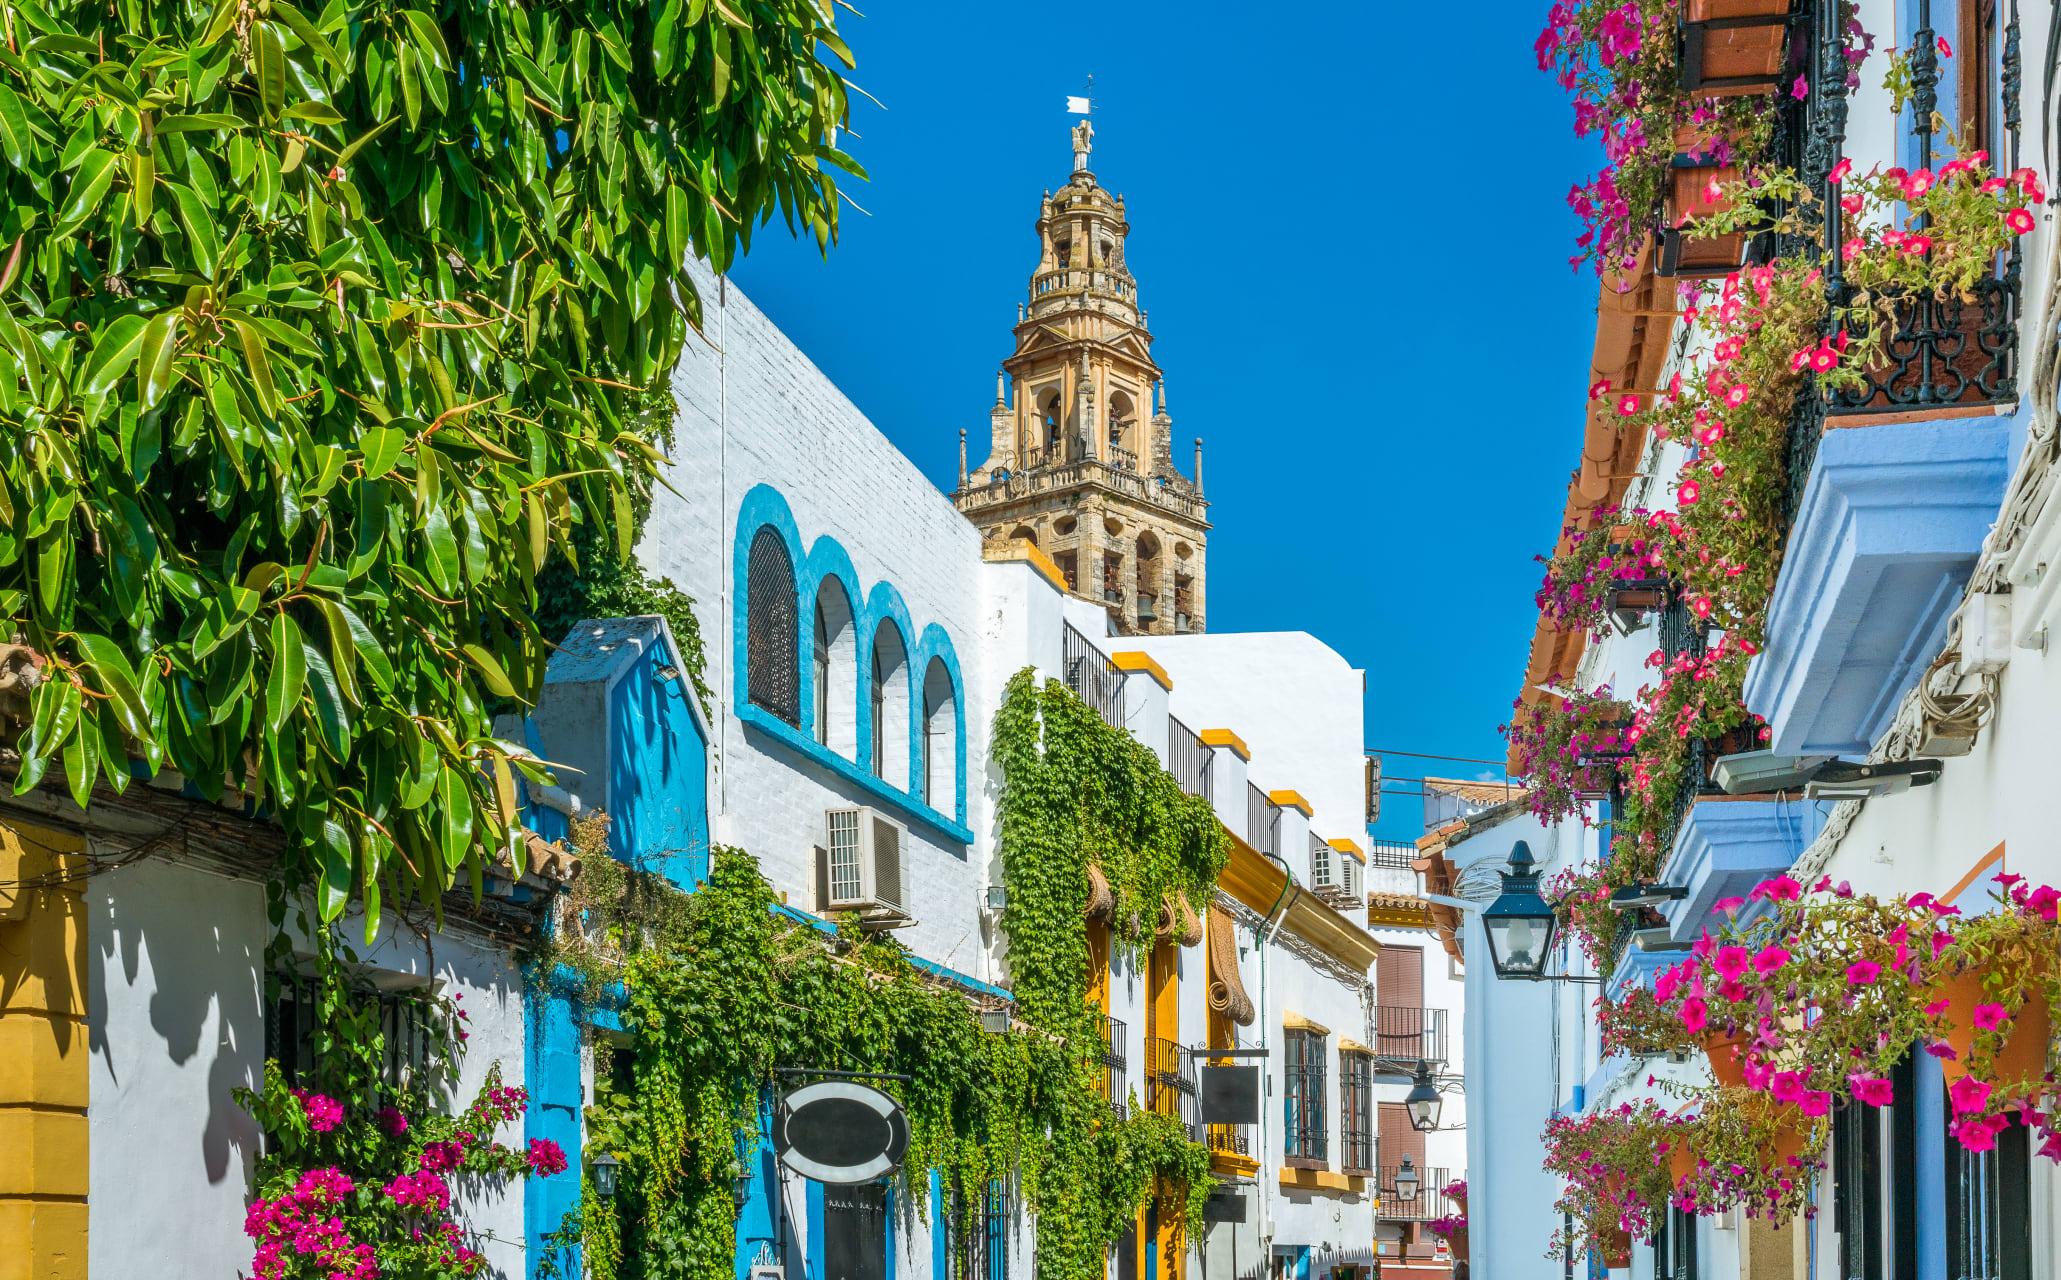 Córdoba - The Jewish Quarter of Córdoba